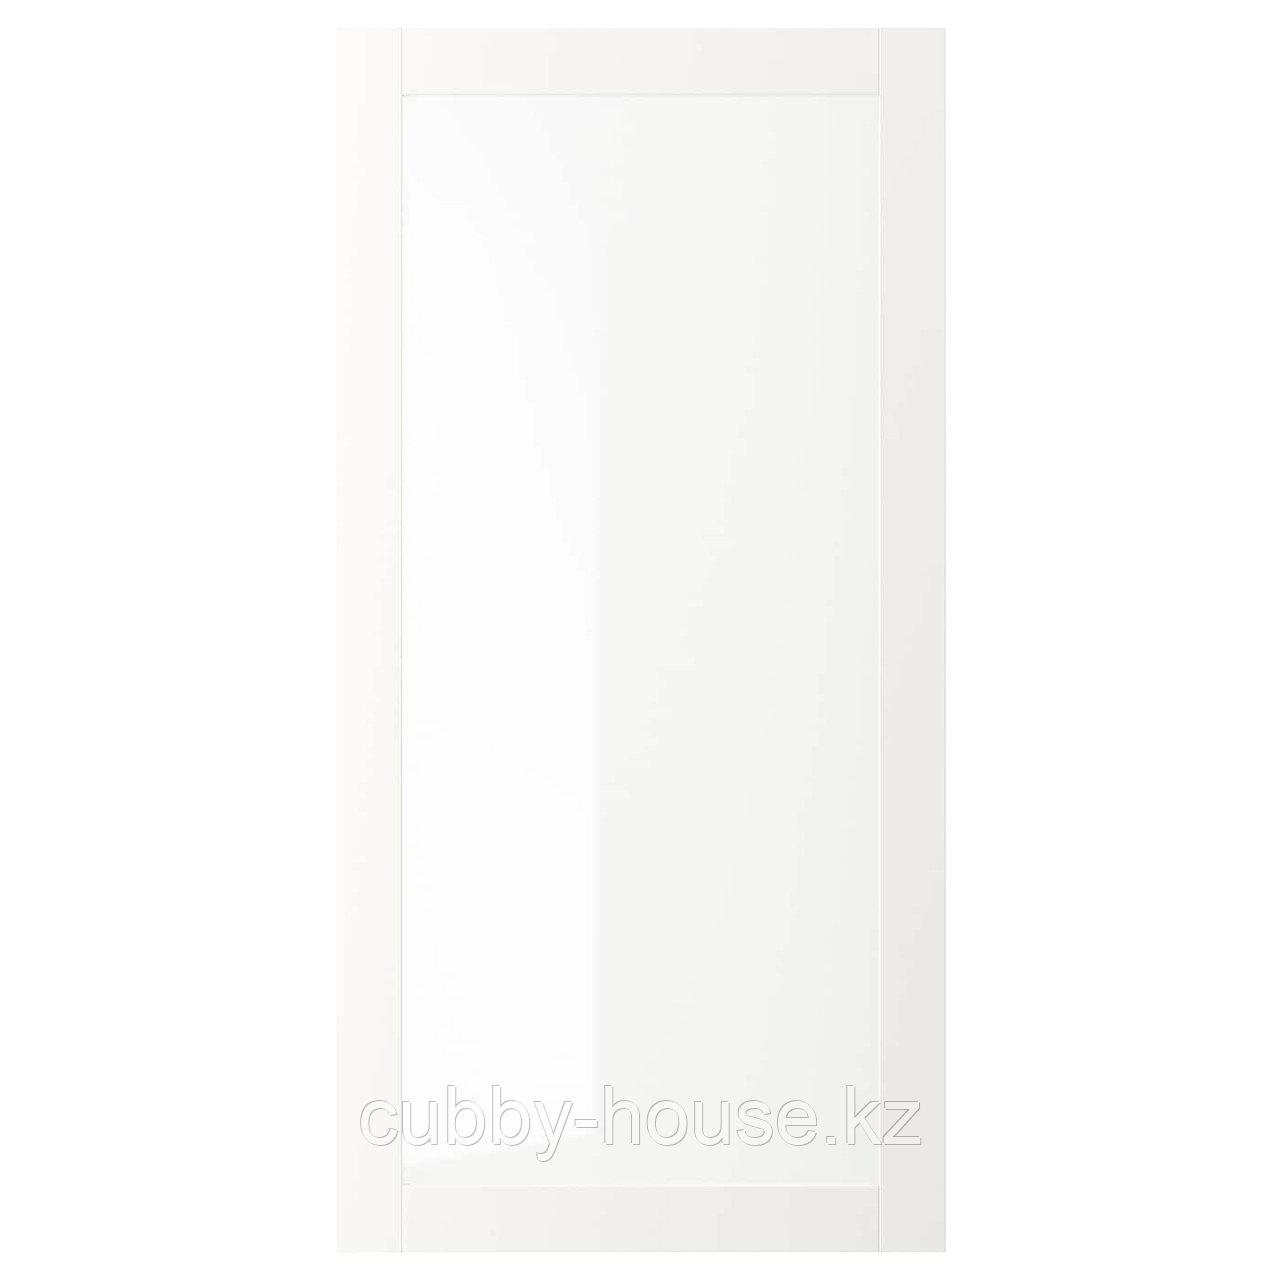 ВЭРД Стеклянная дверь, белый, 60x60 см